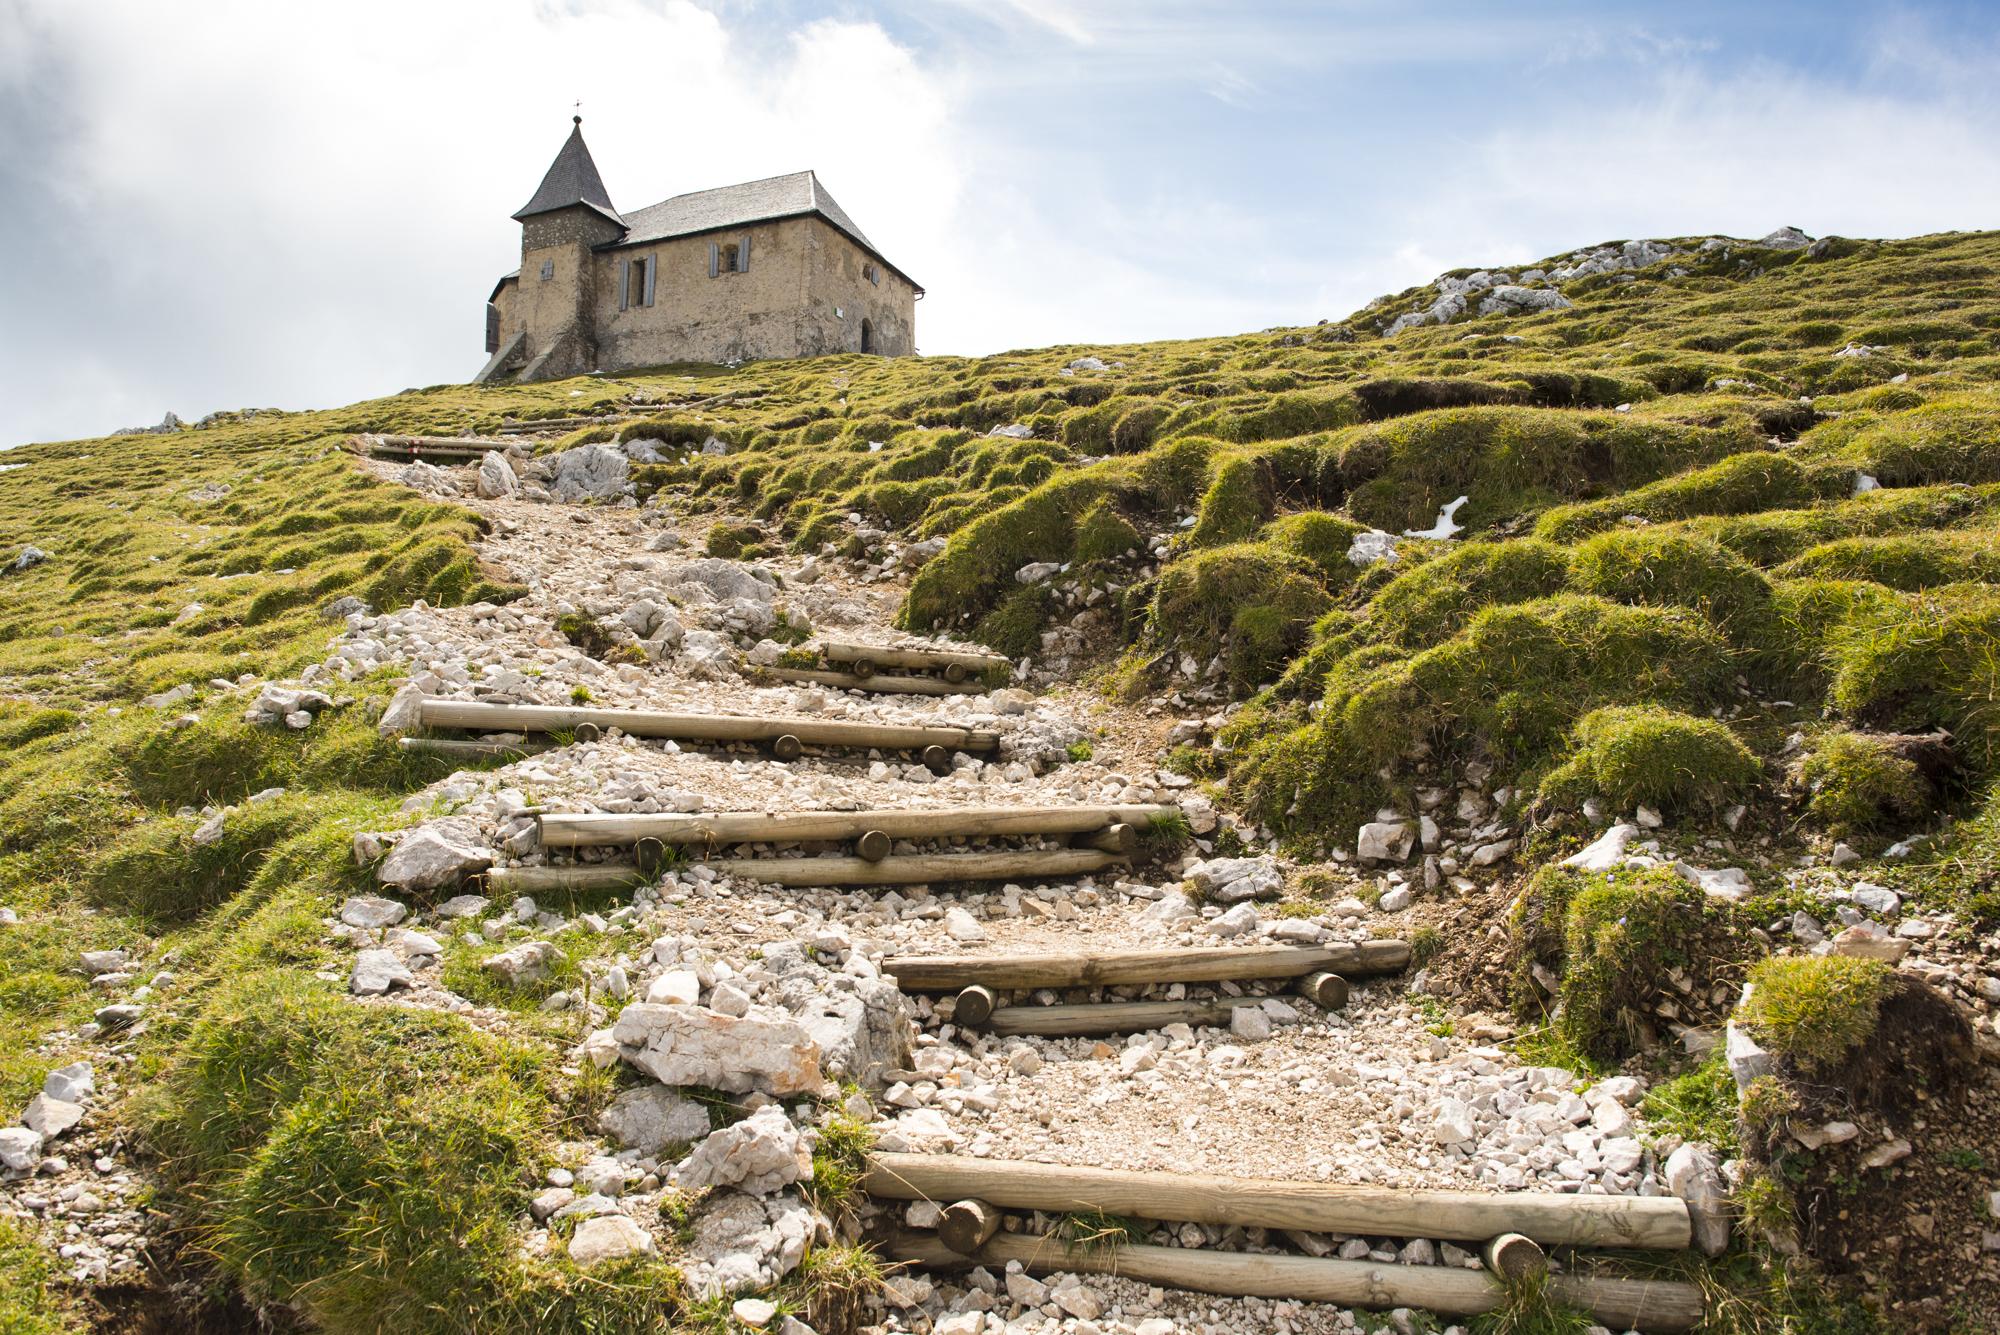 Church on top of the Dobrach